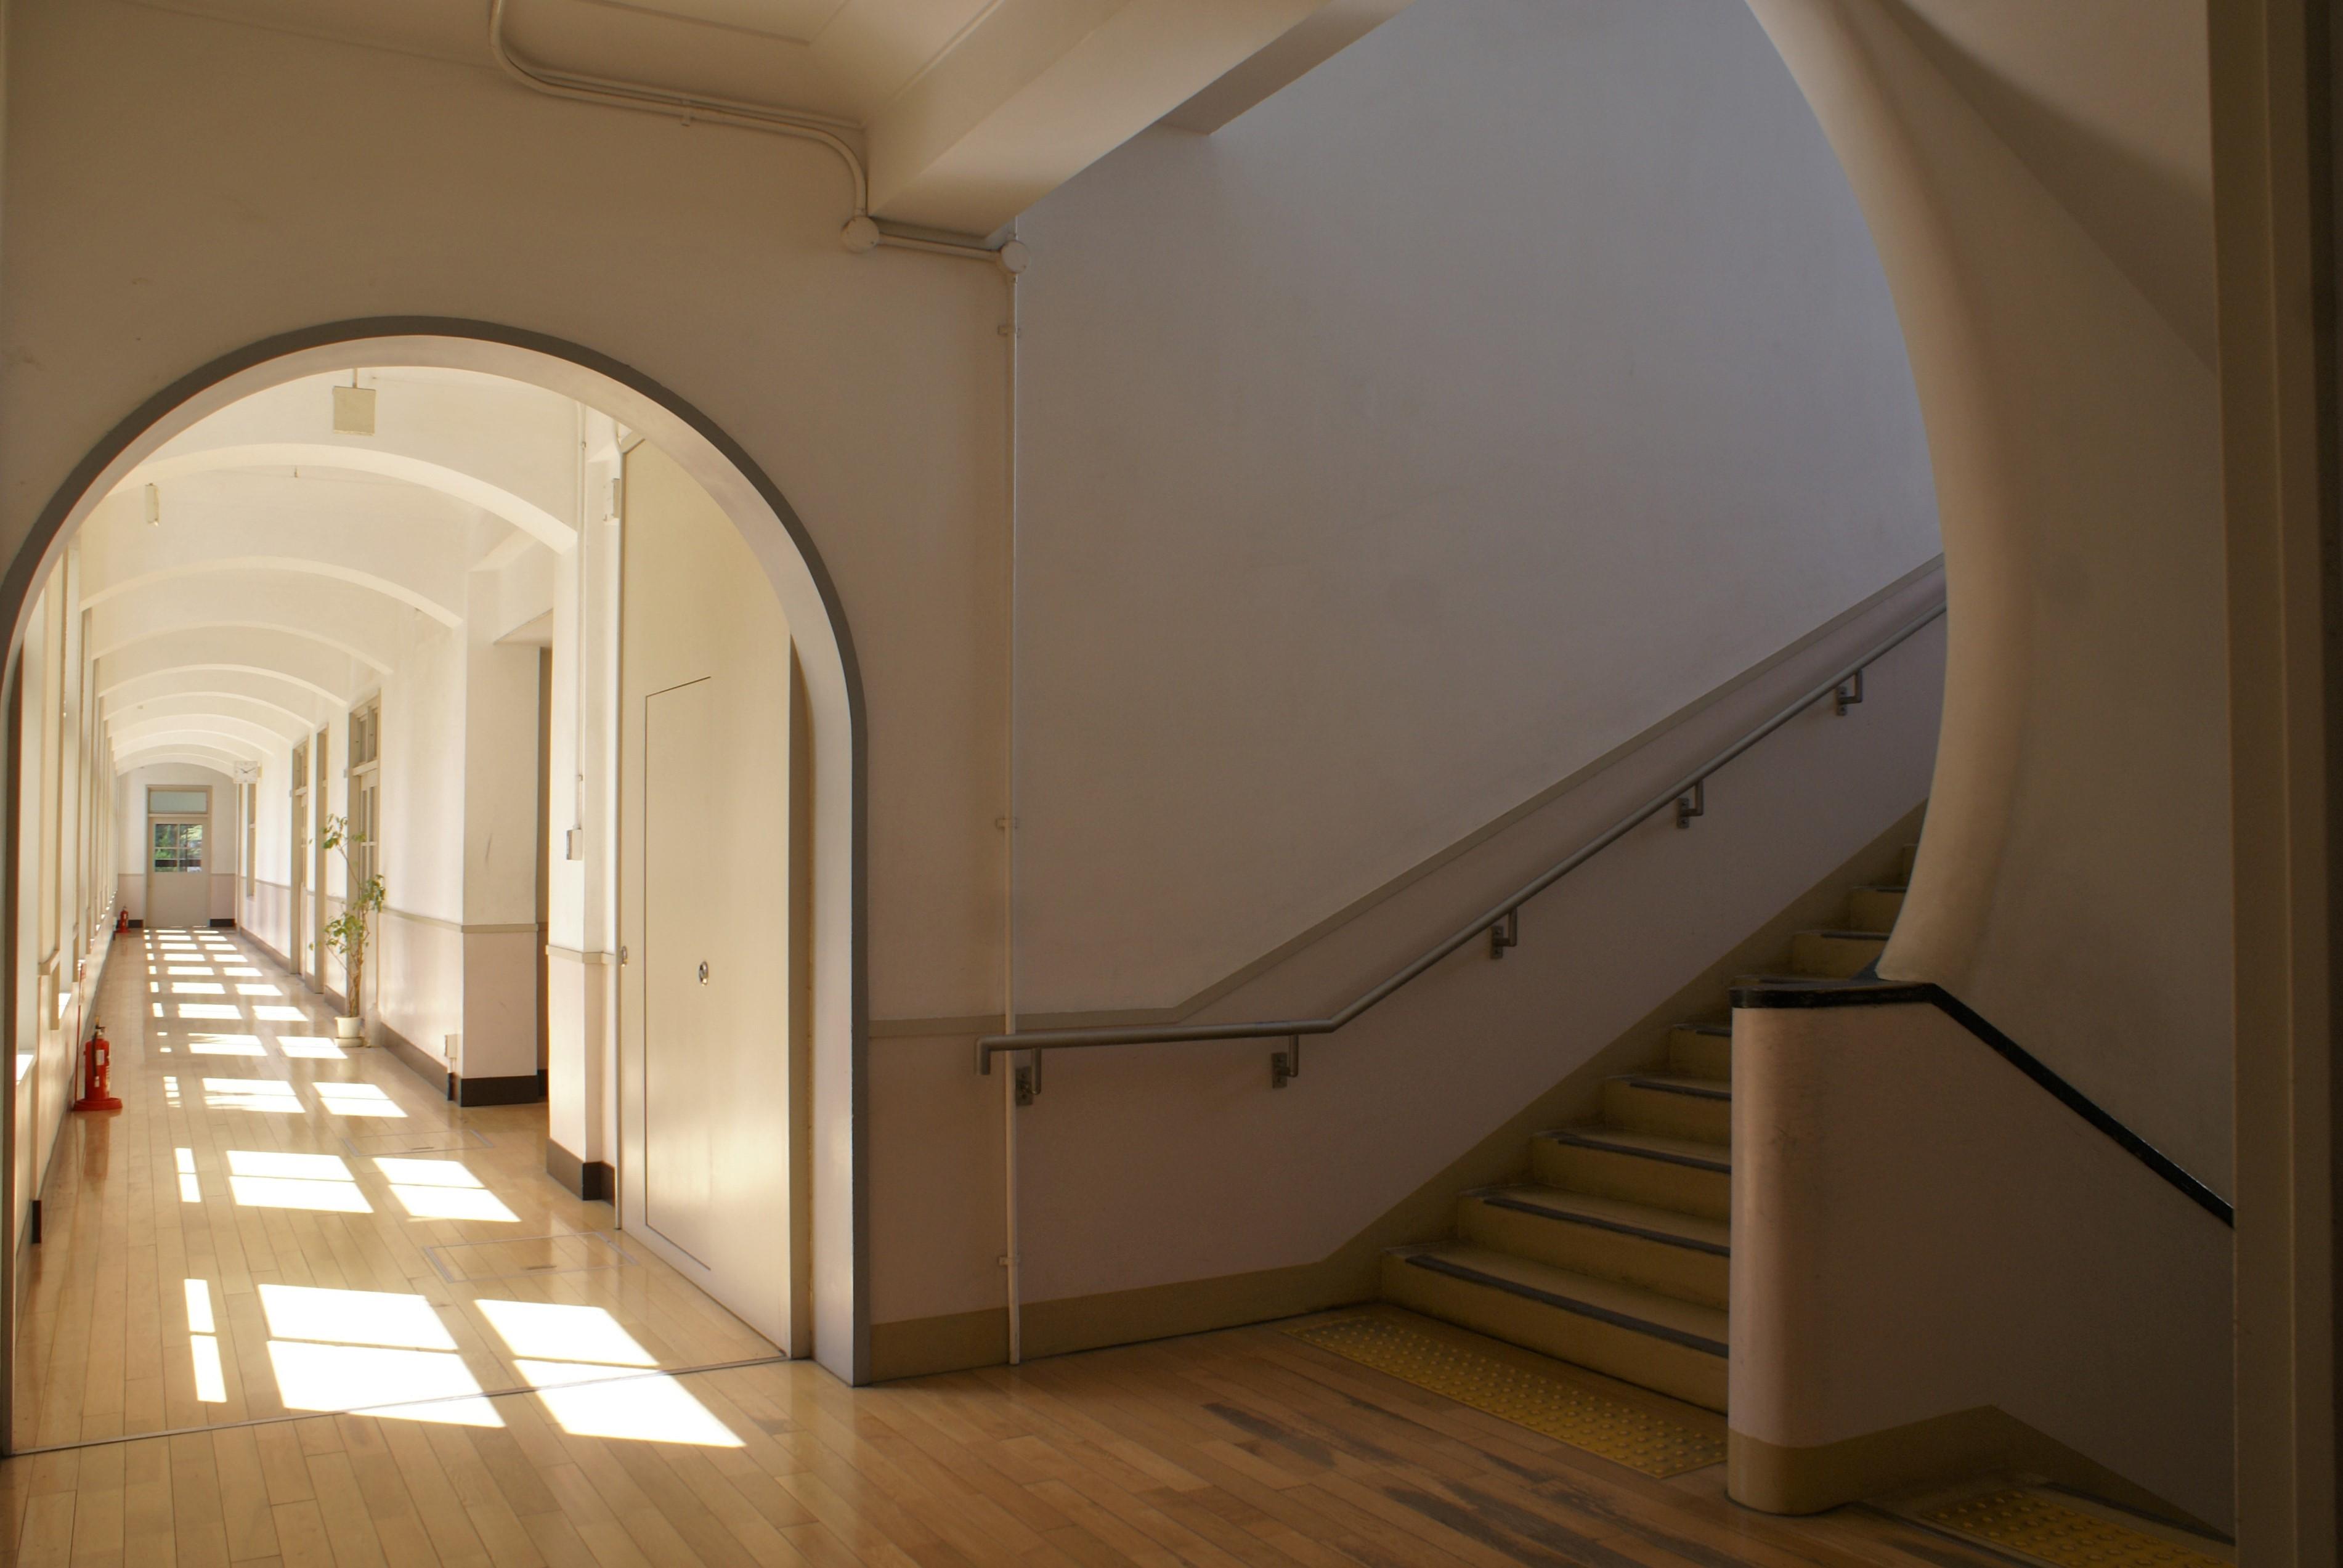 <p>北側東西棟から見る南北棟2E廊下</p>天井の梁や間仕切壁のアーチの形状とともに、階段の手摺壁や笠木部分にも曲線が用いられ、外部の直線的なイメージに対して、内部は優美さを感じさせる。階段から手前が一期工事部分である。平成の改修工事で、2階・3階の床が配線・配管のためかさ上げされたので、その分、建設当時よりも天井高さが低くなっている。<br />